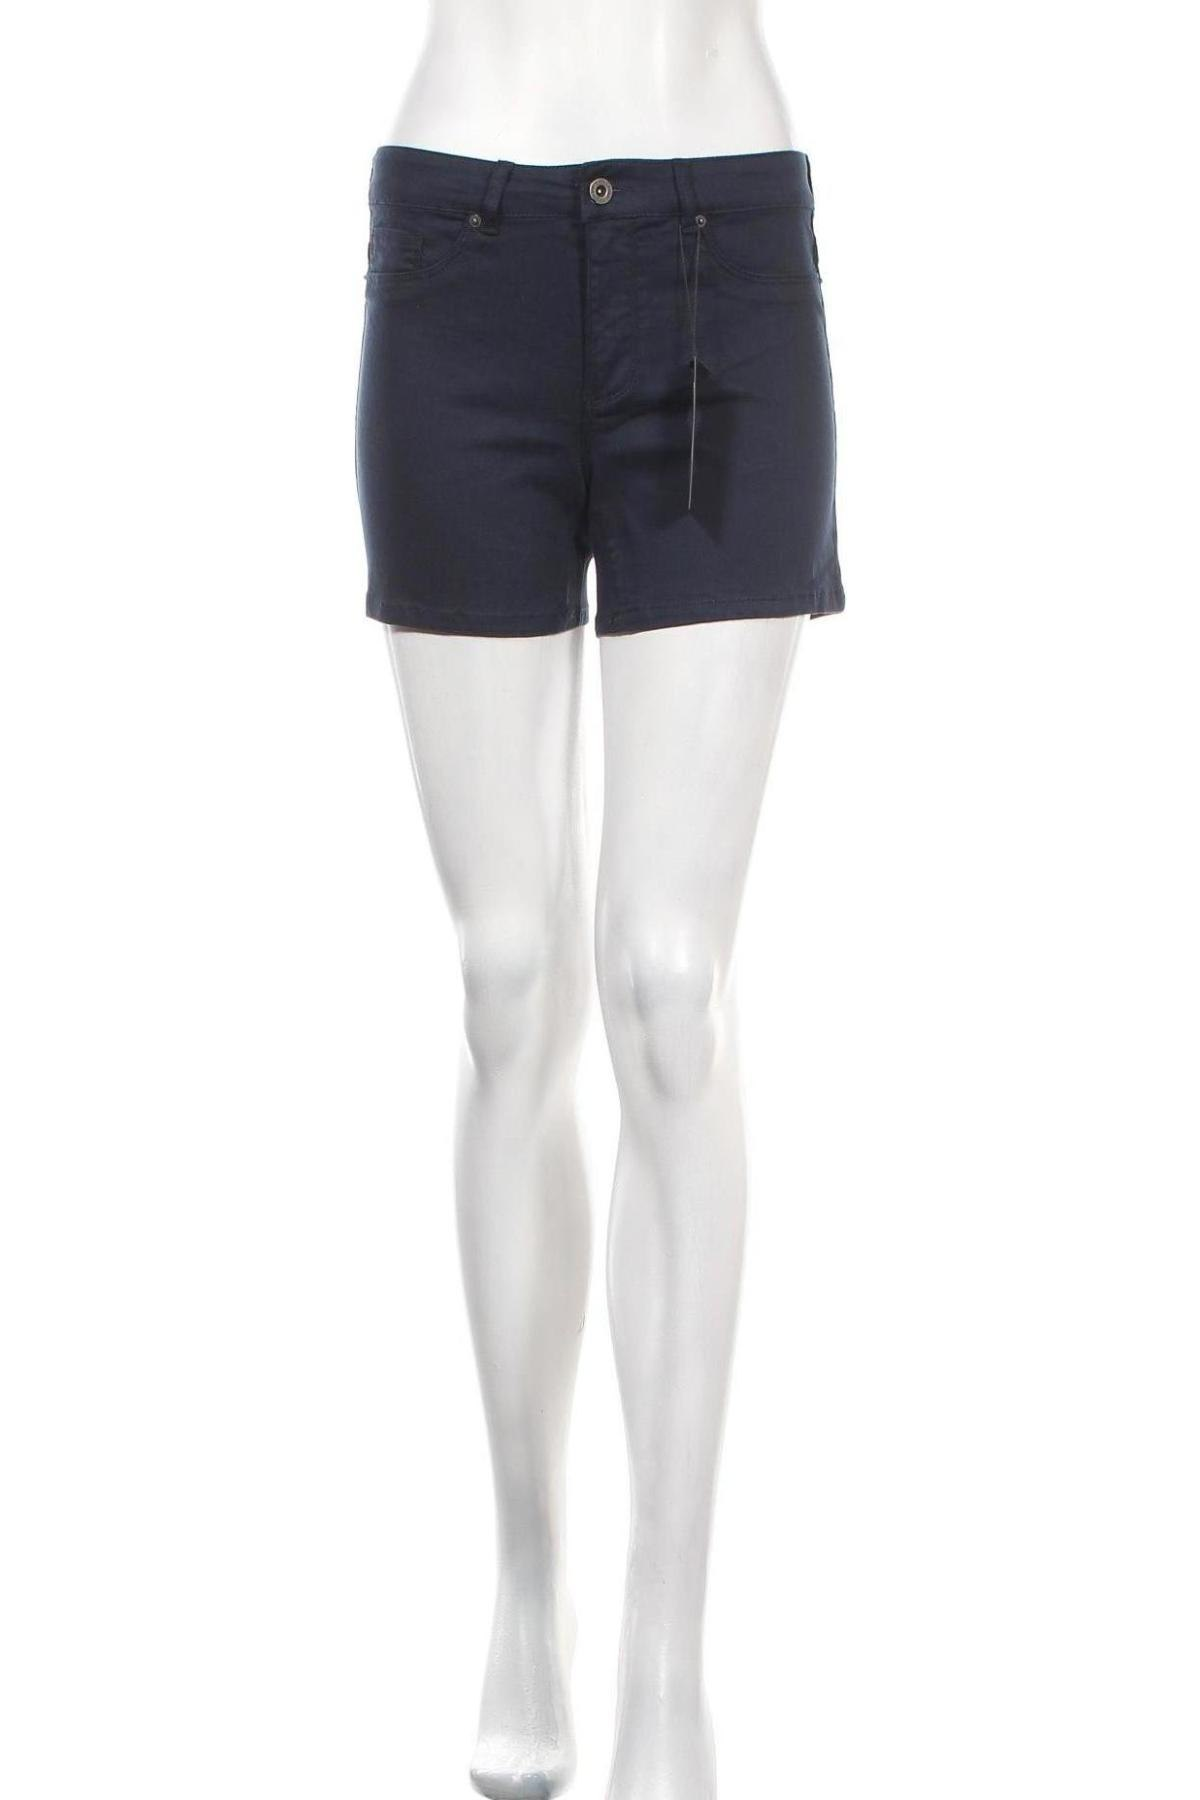 Γυναικείο κοντό παντελόνι Vero Moda, Μέγεθος S, Χρώμα Μπλέ, 82% βαμβάκι, 16% βισκόζη, 2% ελαστάνη, Τιμή 15,16€